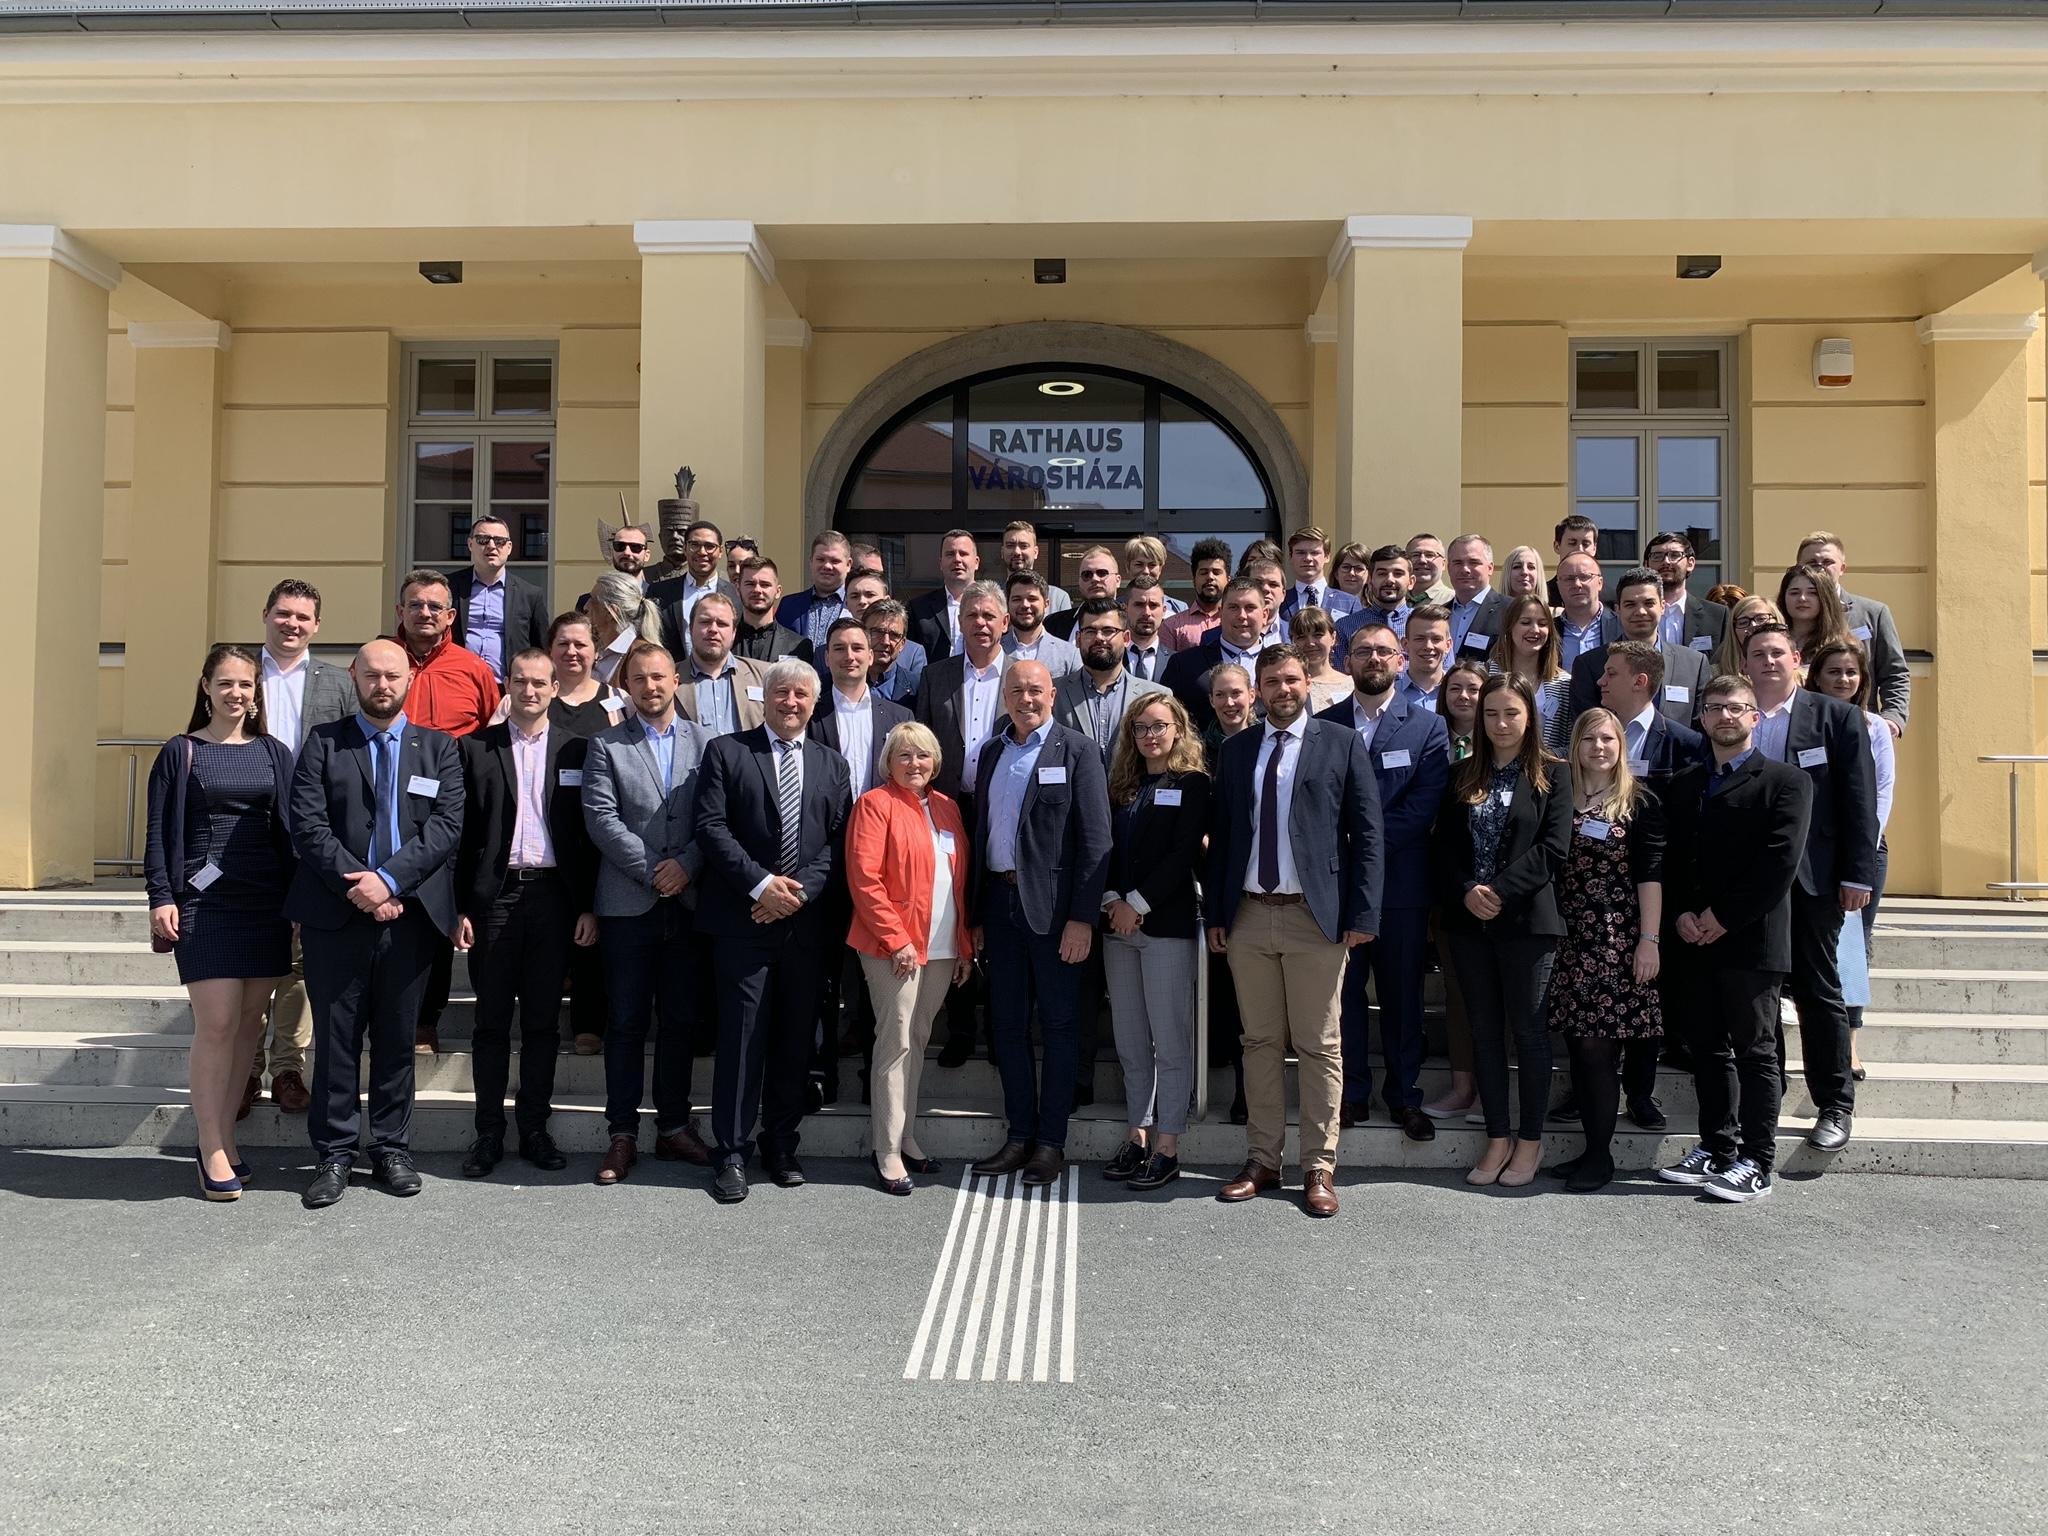 A Magyar Ifjúsági Konferencia 36. rendes ülése Felsőőr, Burgenland 2019. május 11.